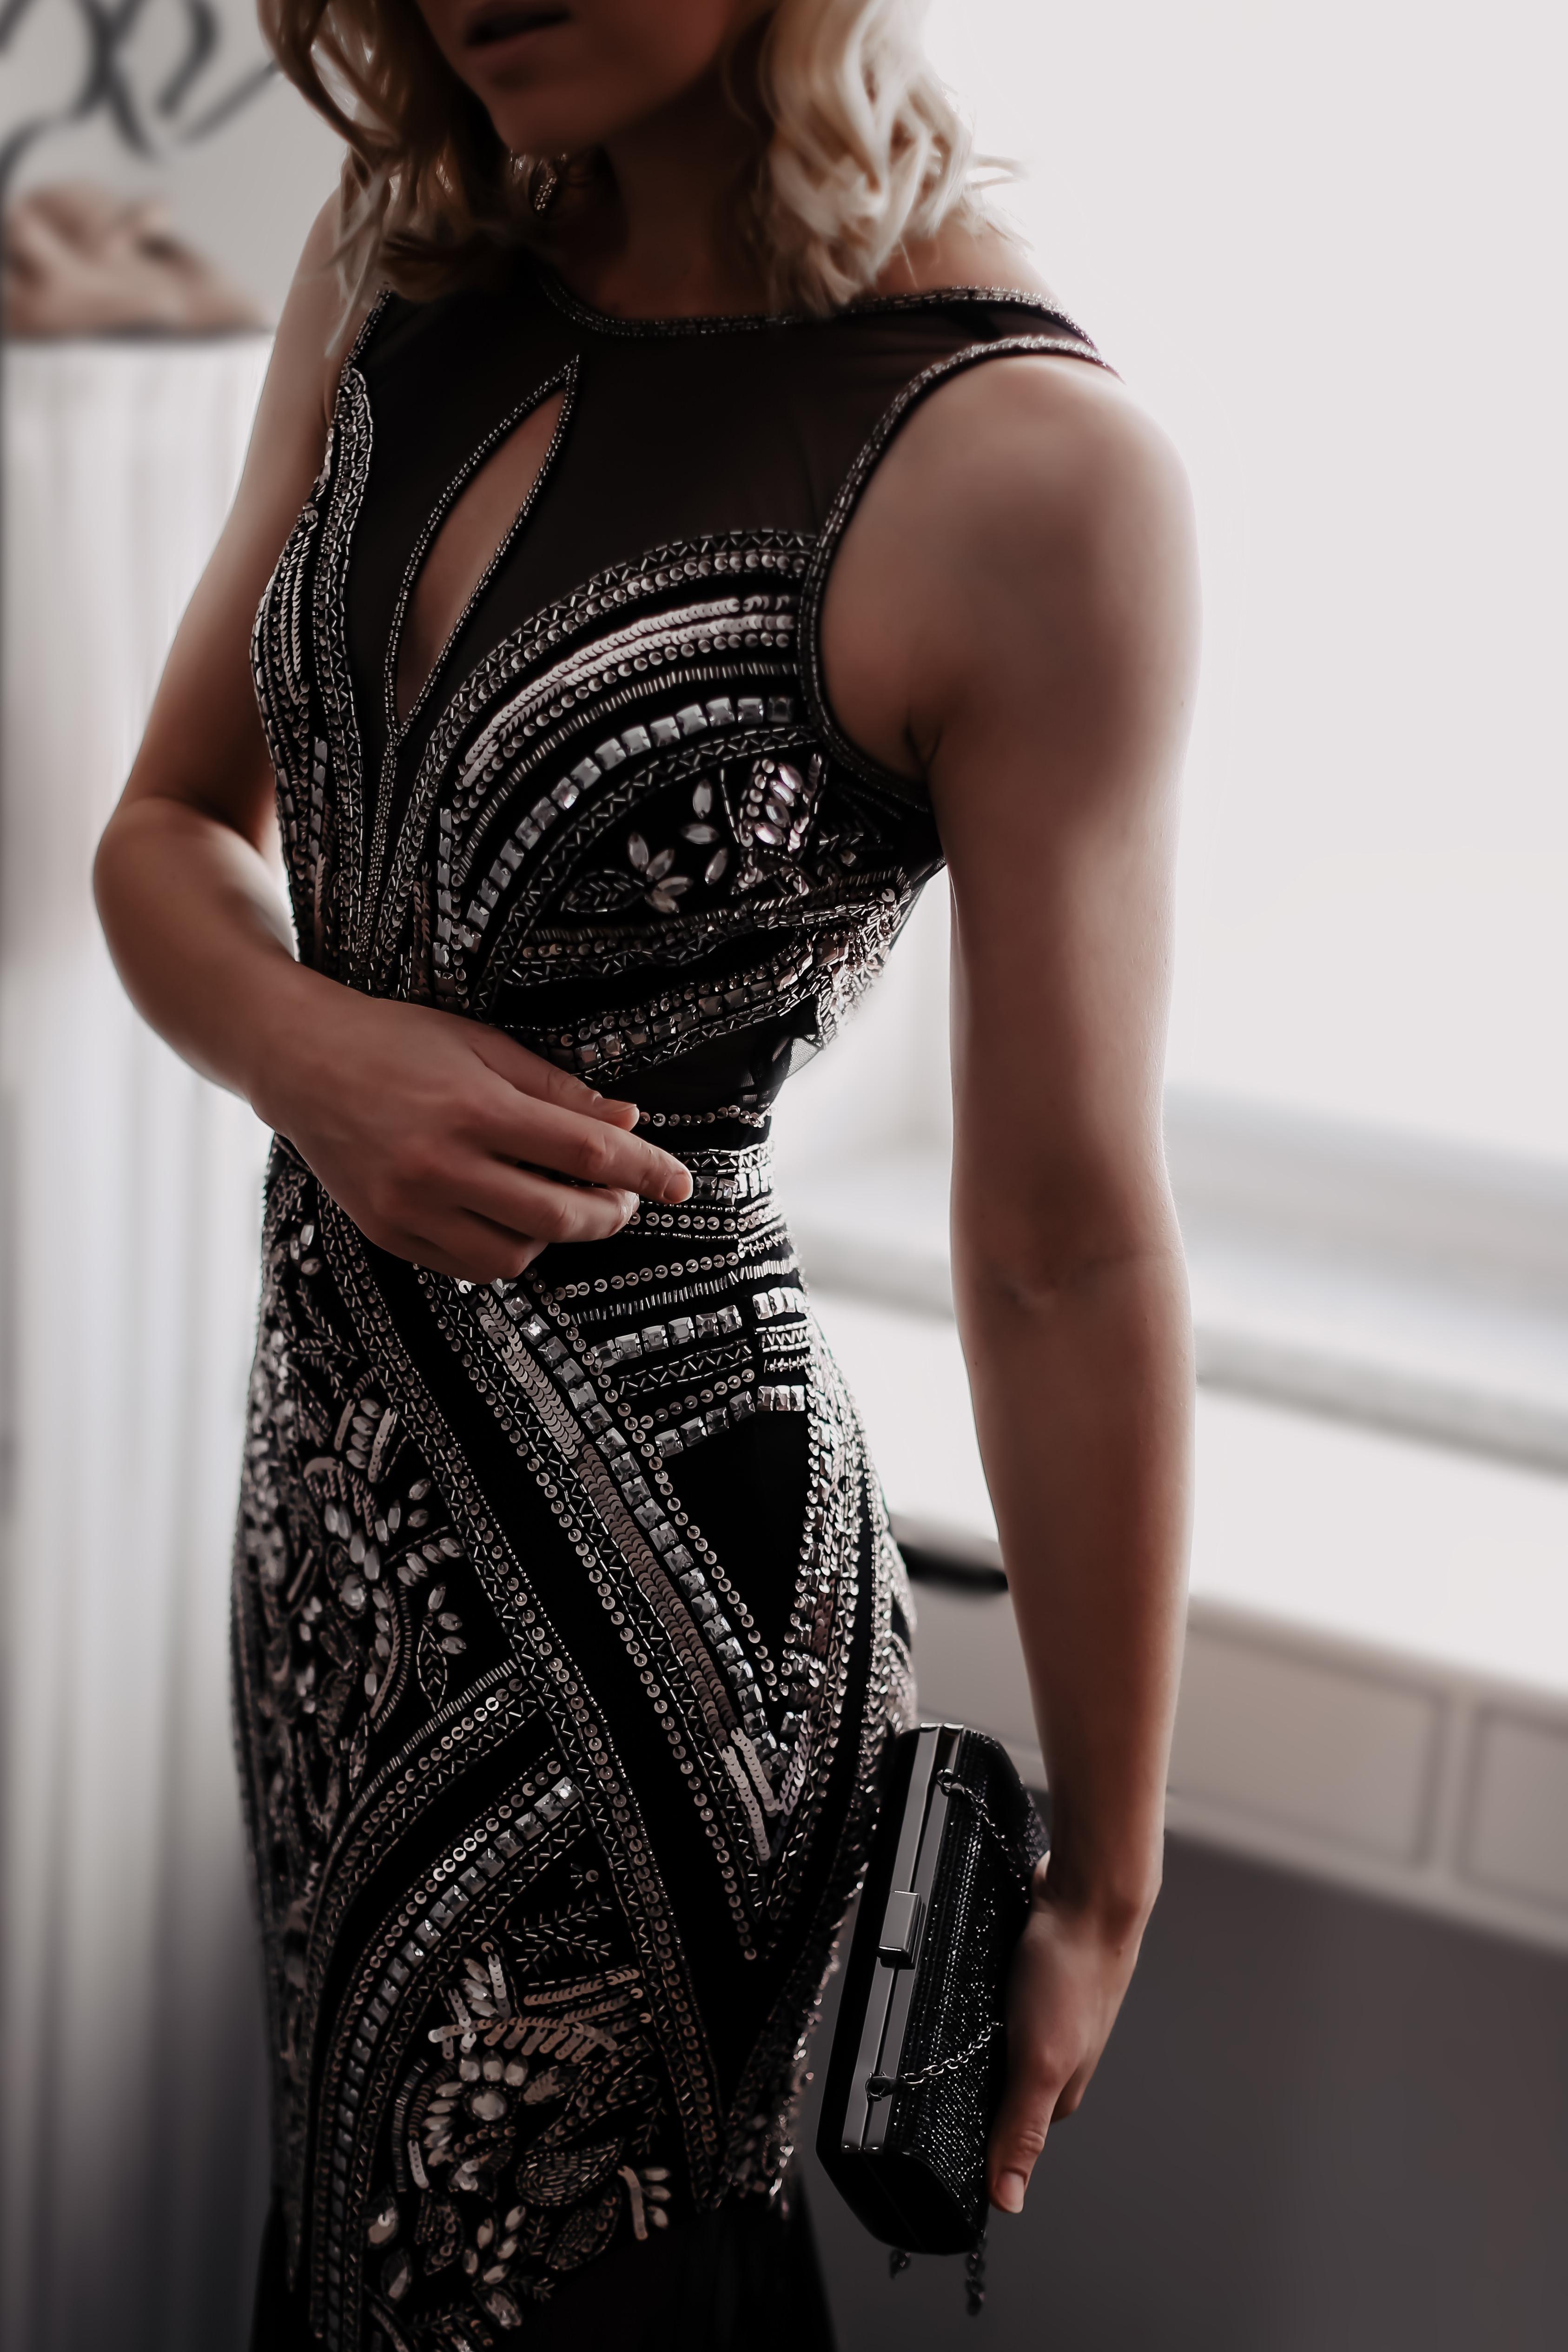 dresscode-Übersicht: so findest du das richtige outfit für